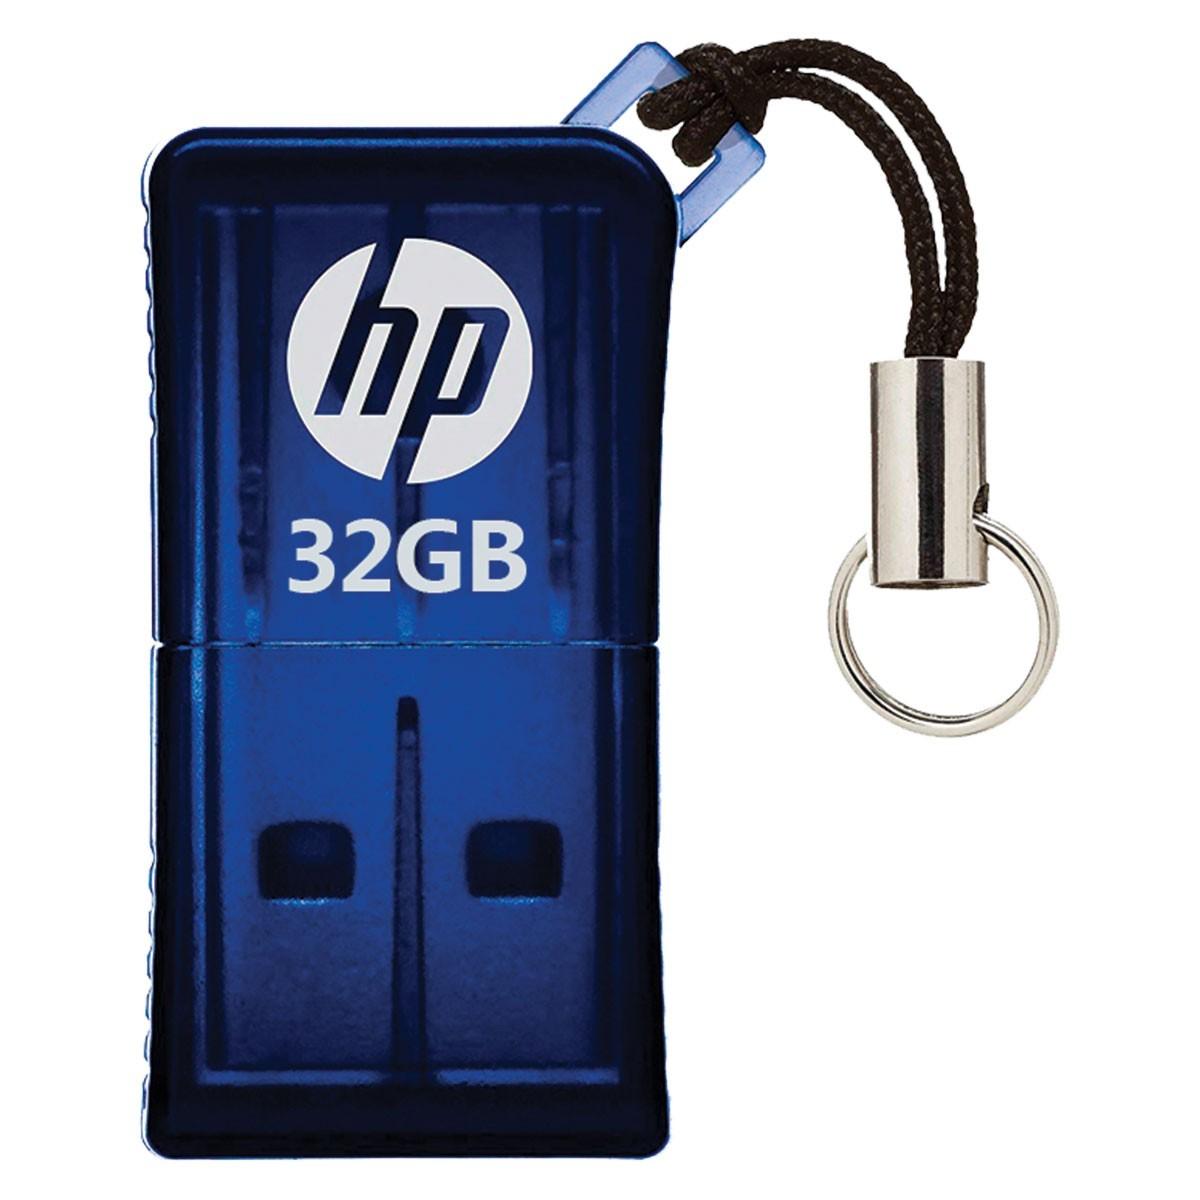 Pen Drive Mini HP USB 2.0 V165W 32GB HPFD165W2-32